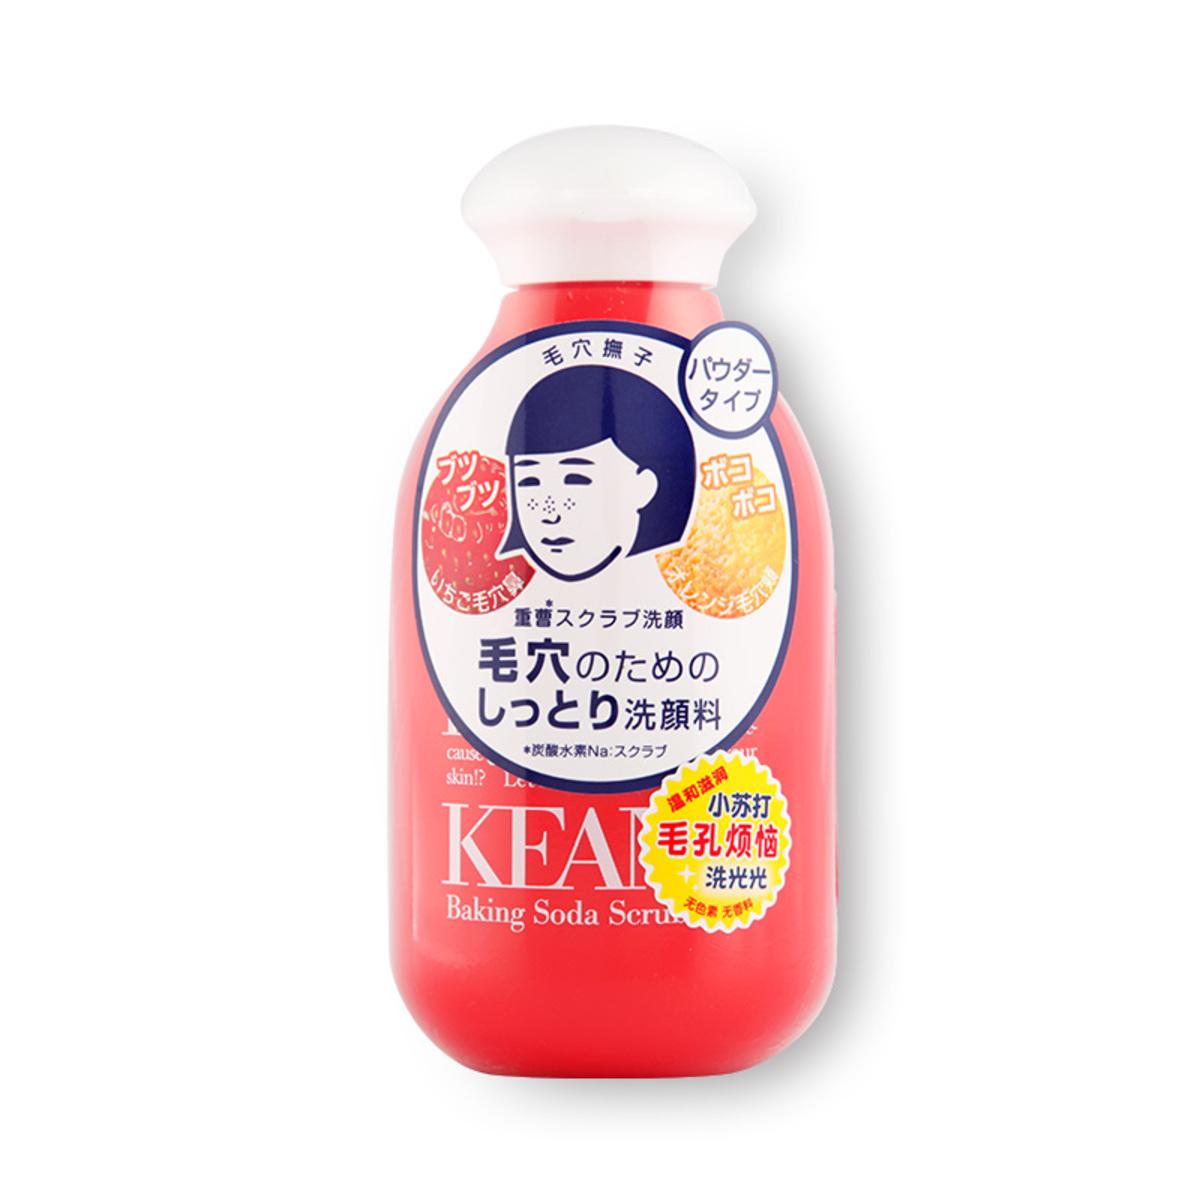 ISHIZAWA LAB Baking Soda Scrub Wash 石澤研究所 毛穴撫子重曹毛孔潔淨酵素洗顏粉100g 紅色N 14750